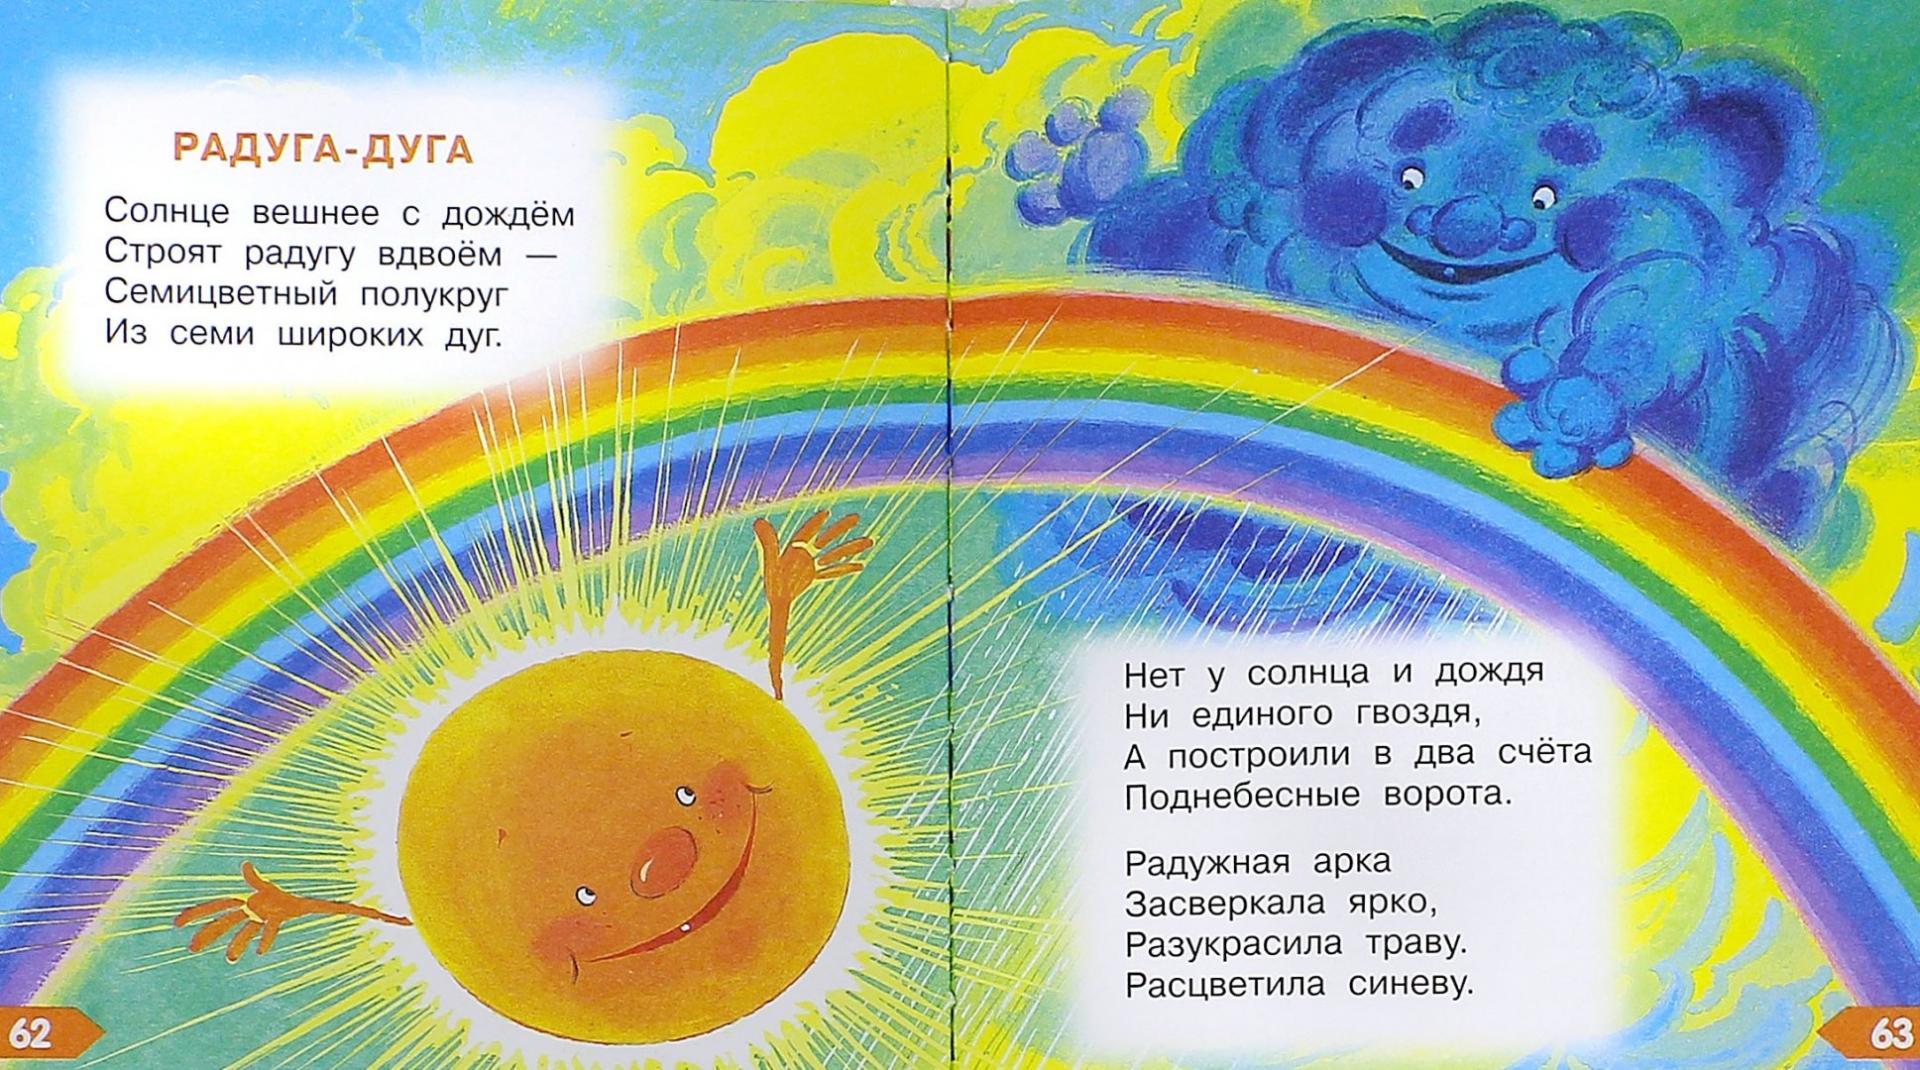 Радуга в картинках и стихах